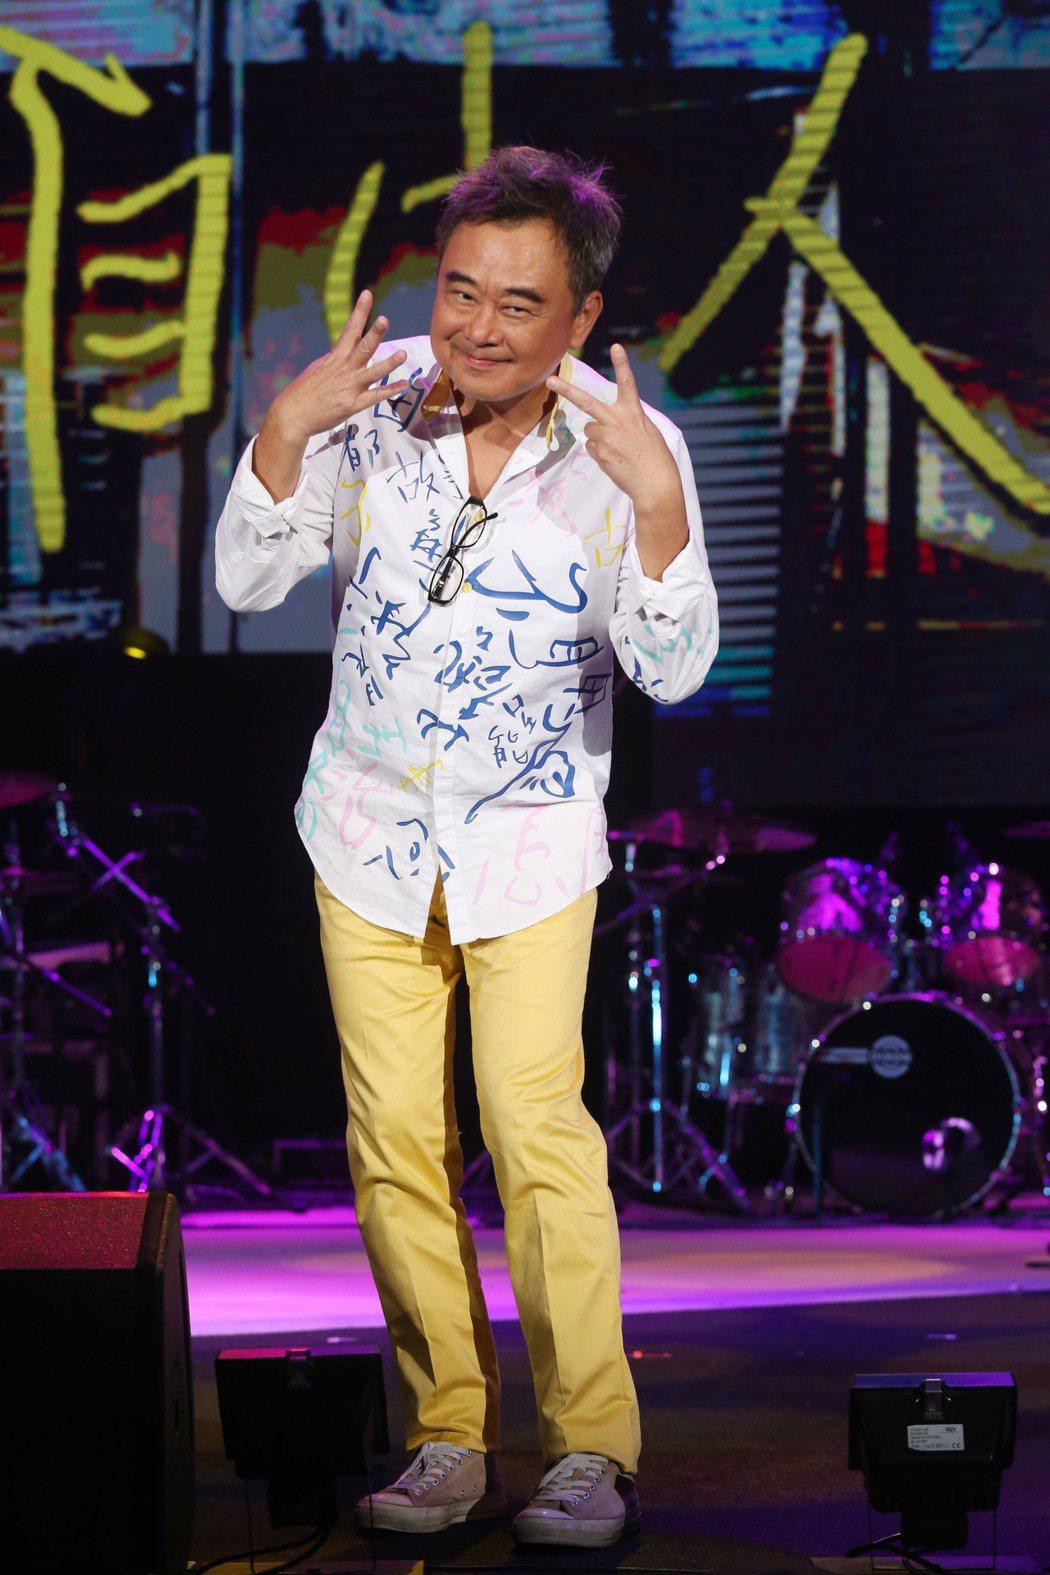 陳昇創紀錄連續24年舉辦跨年演唱會「說故事的自由人」彩排,明年滿60歲,他心態仍...